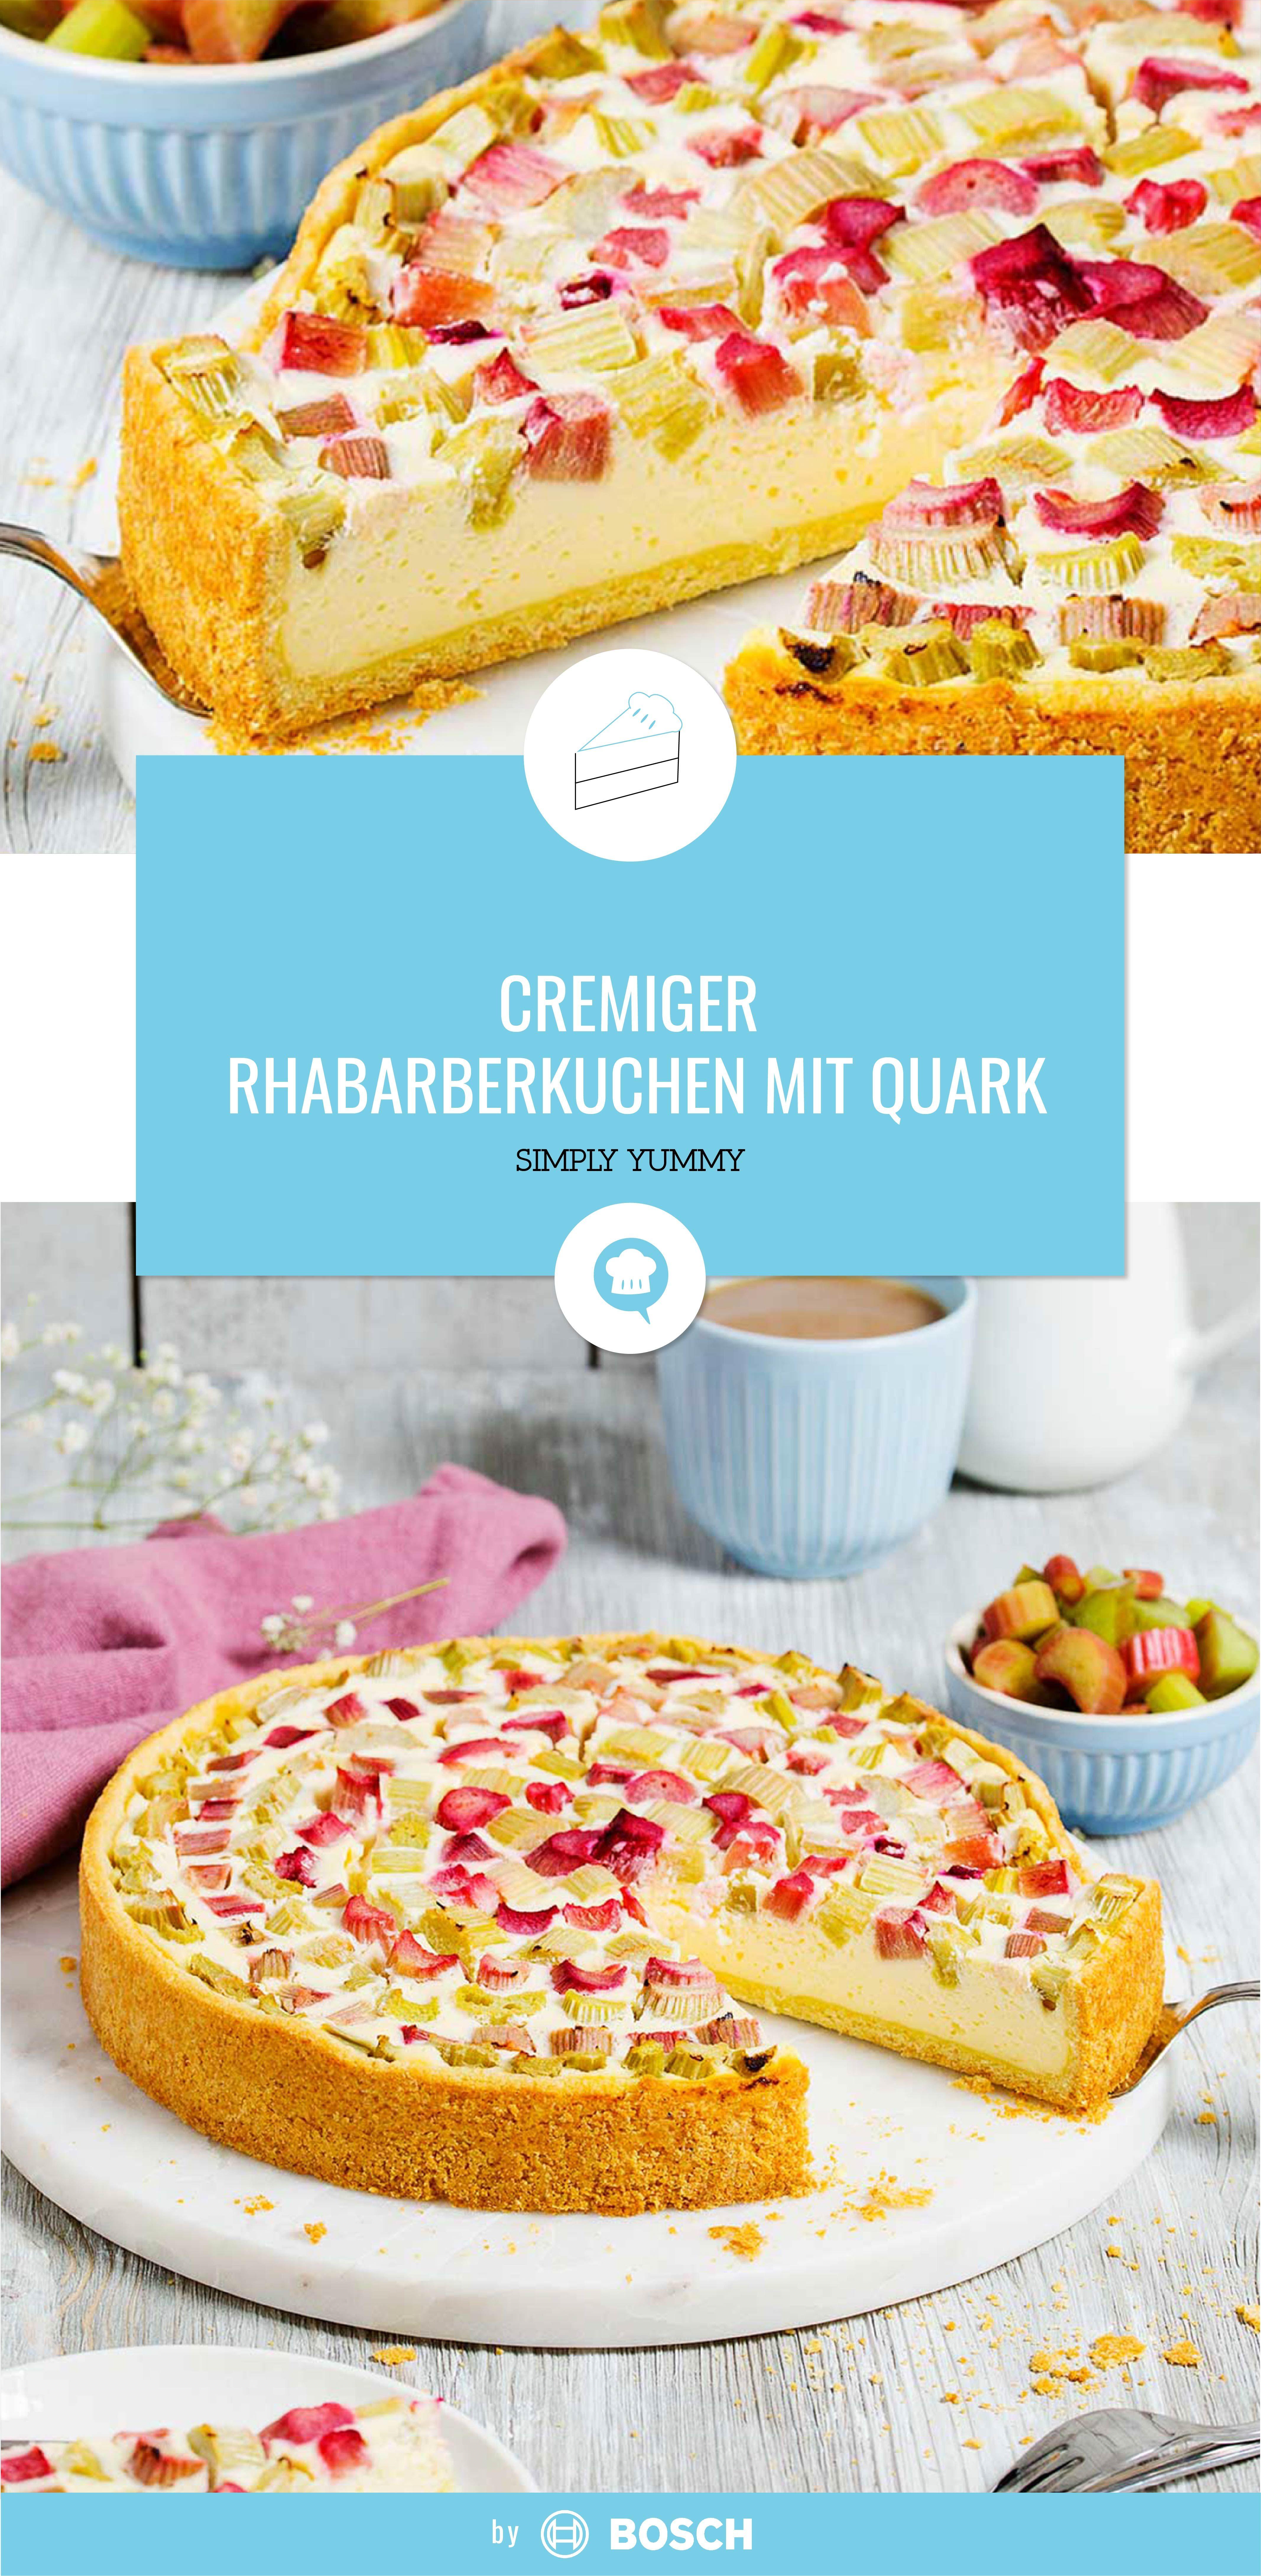 Cremiger Rhabarberkuchen Mit Quark Rezept Rhabarberkuchen Kuchen Und Torten Kuchen Ohne Backen